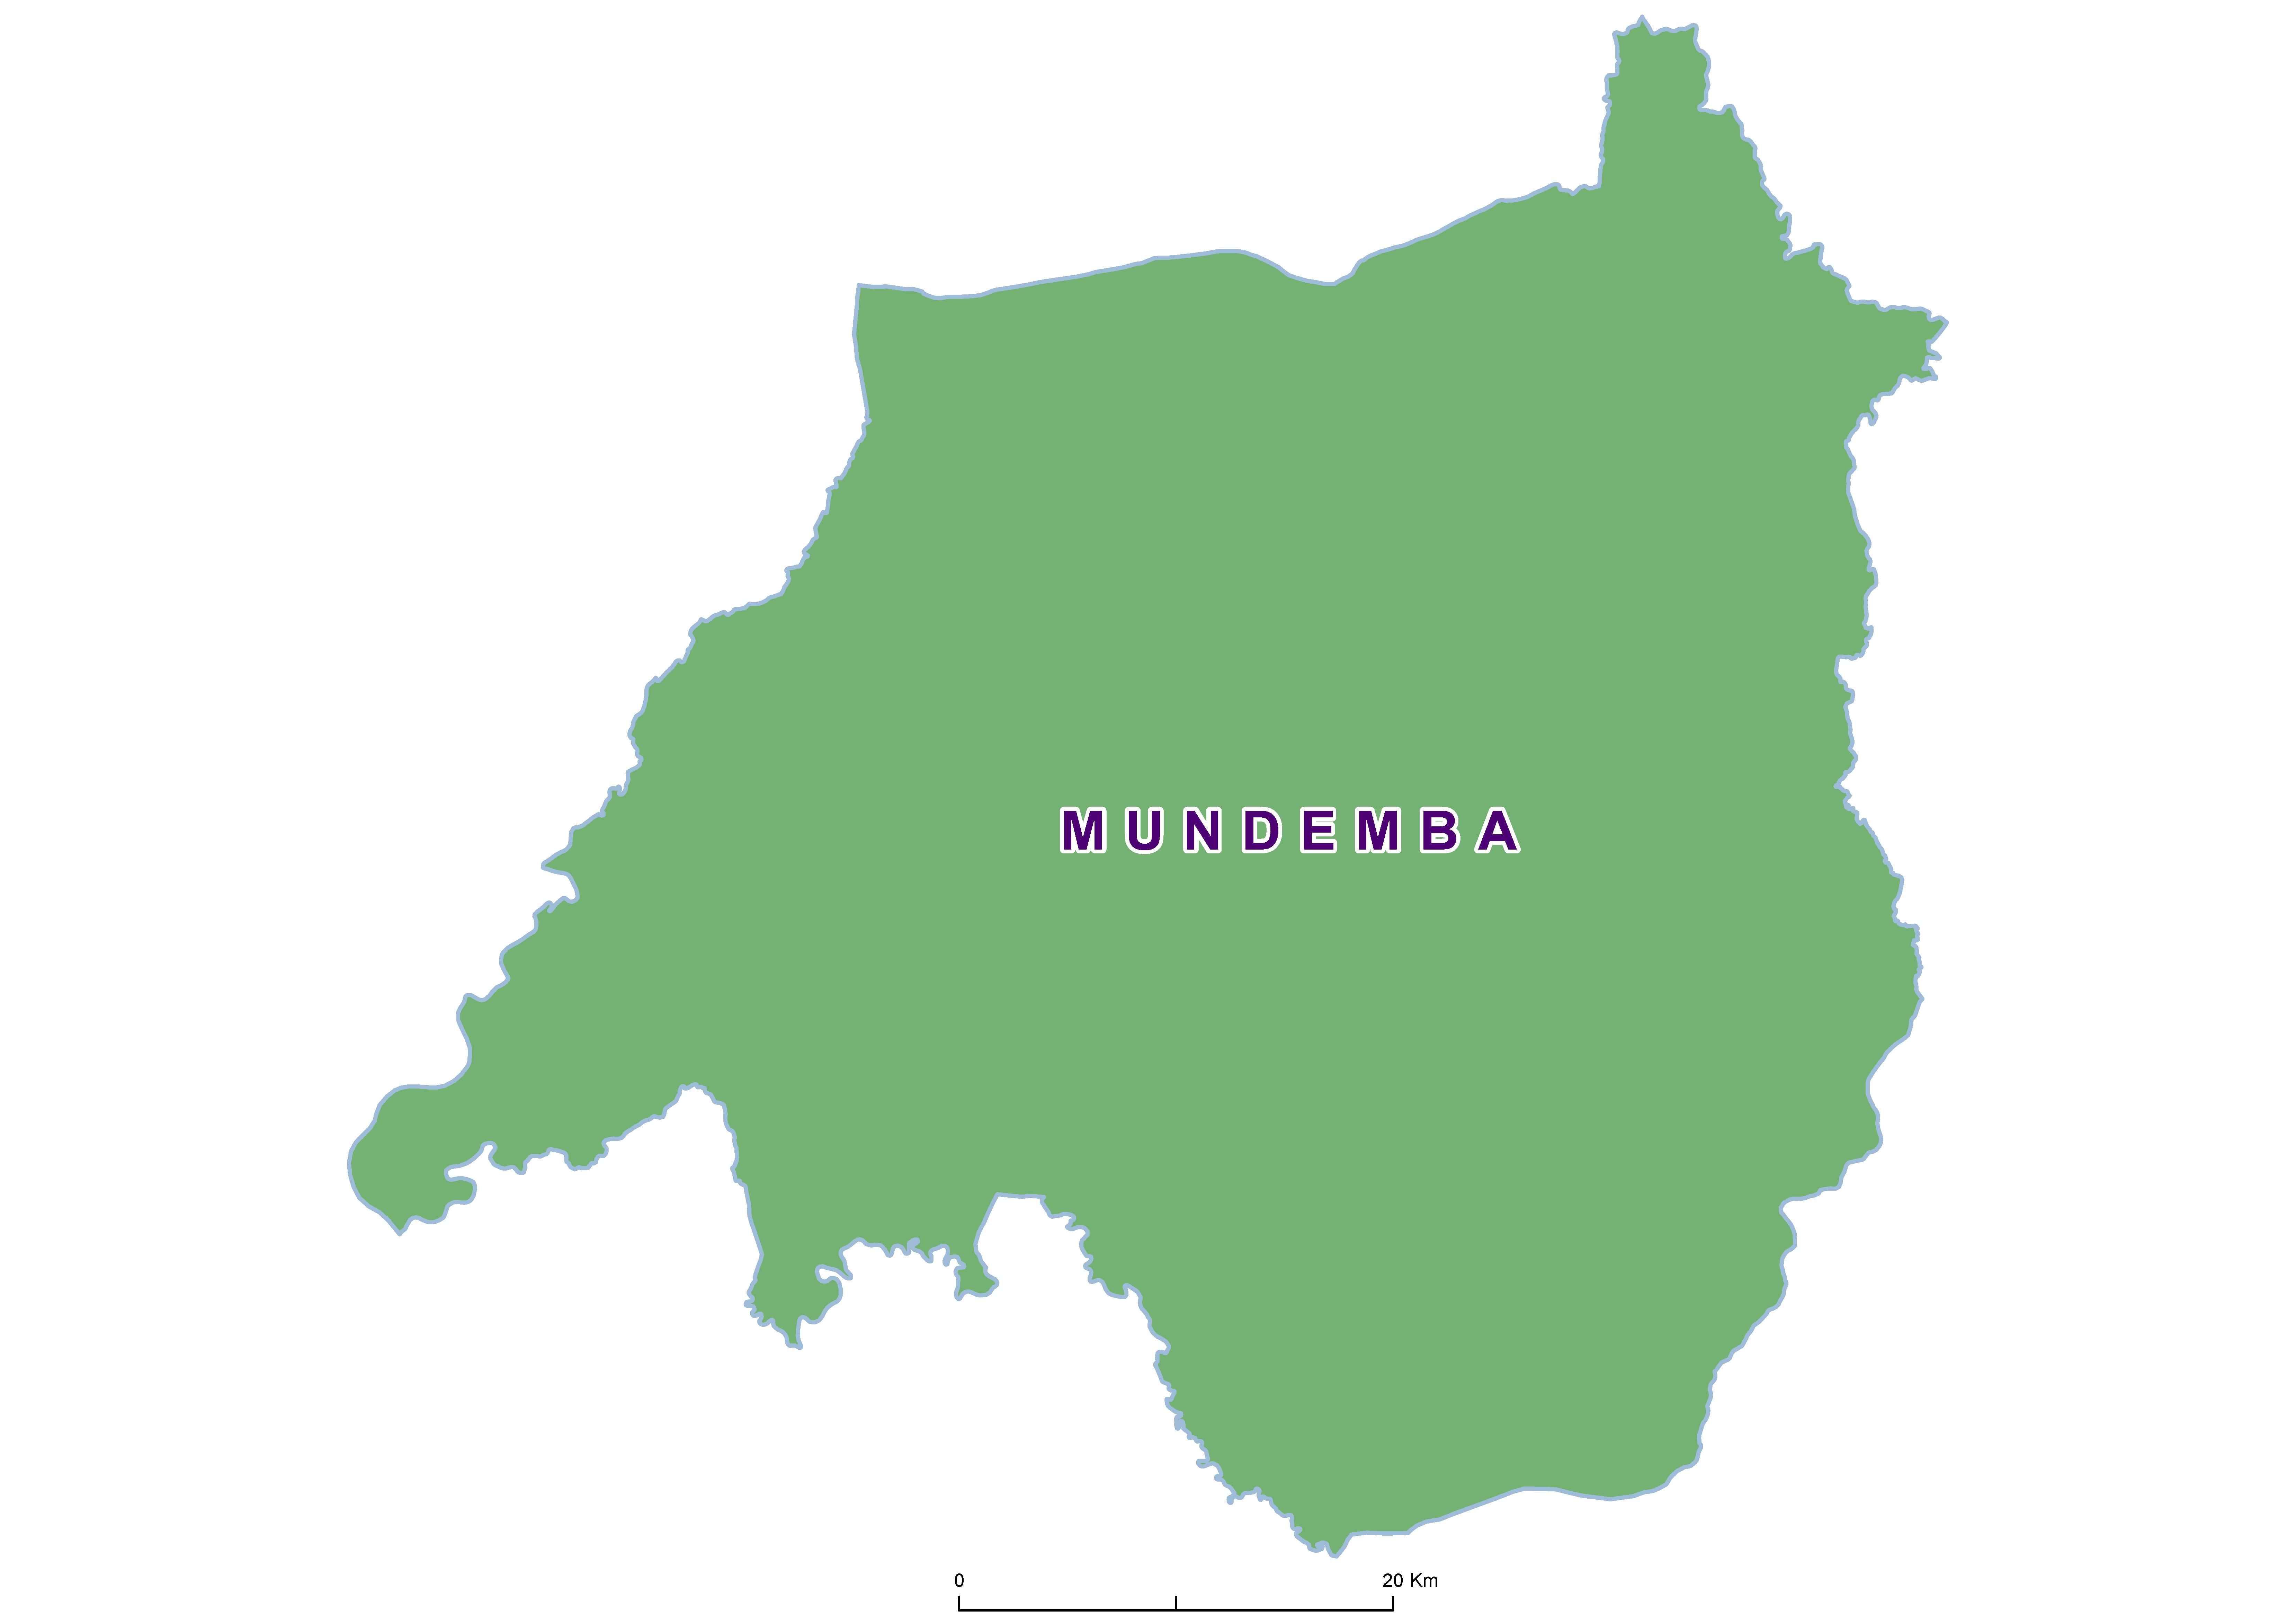 Mundemba Mean SCH 20100001